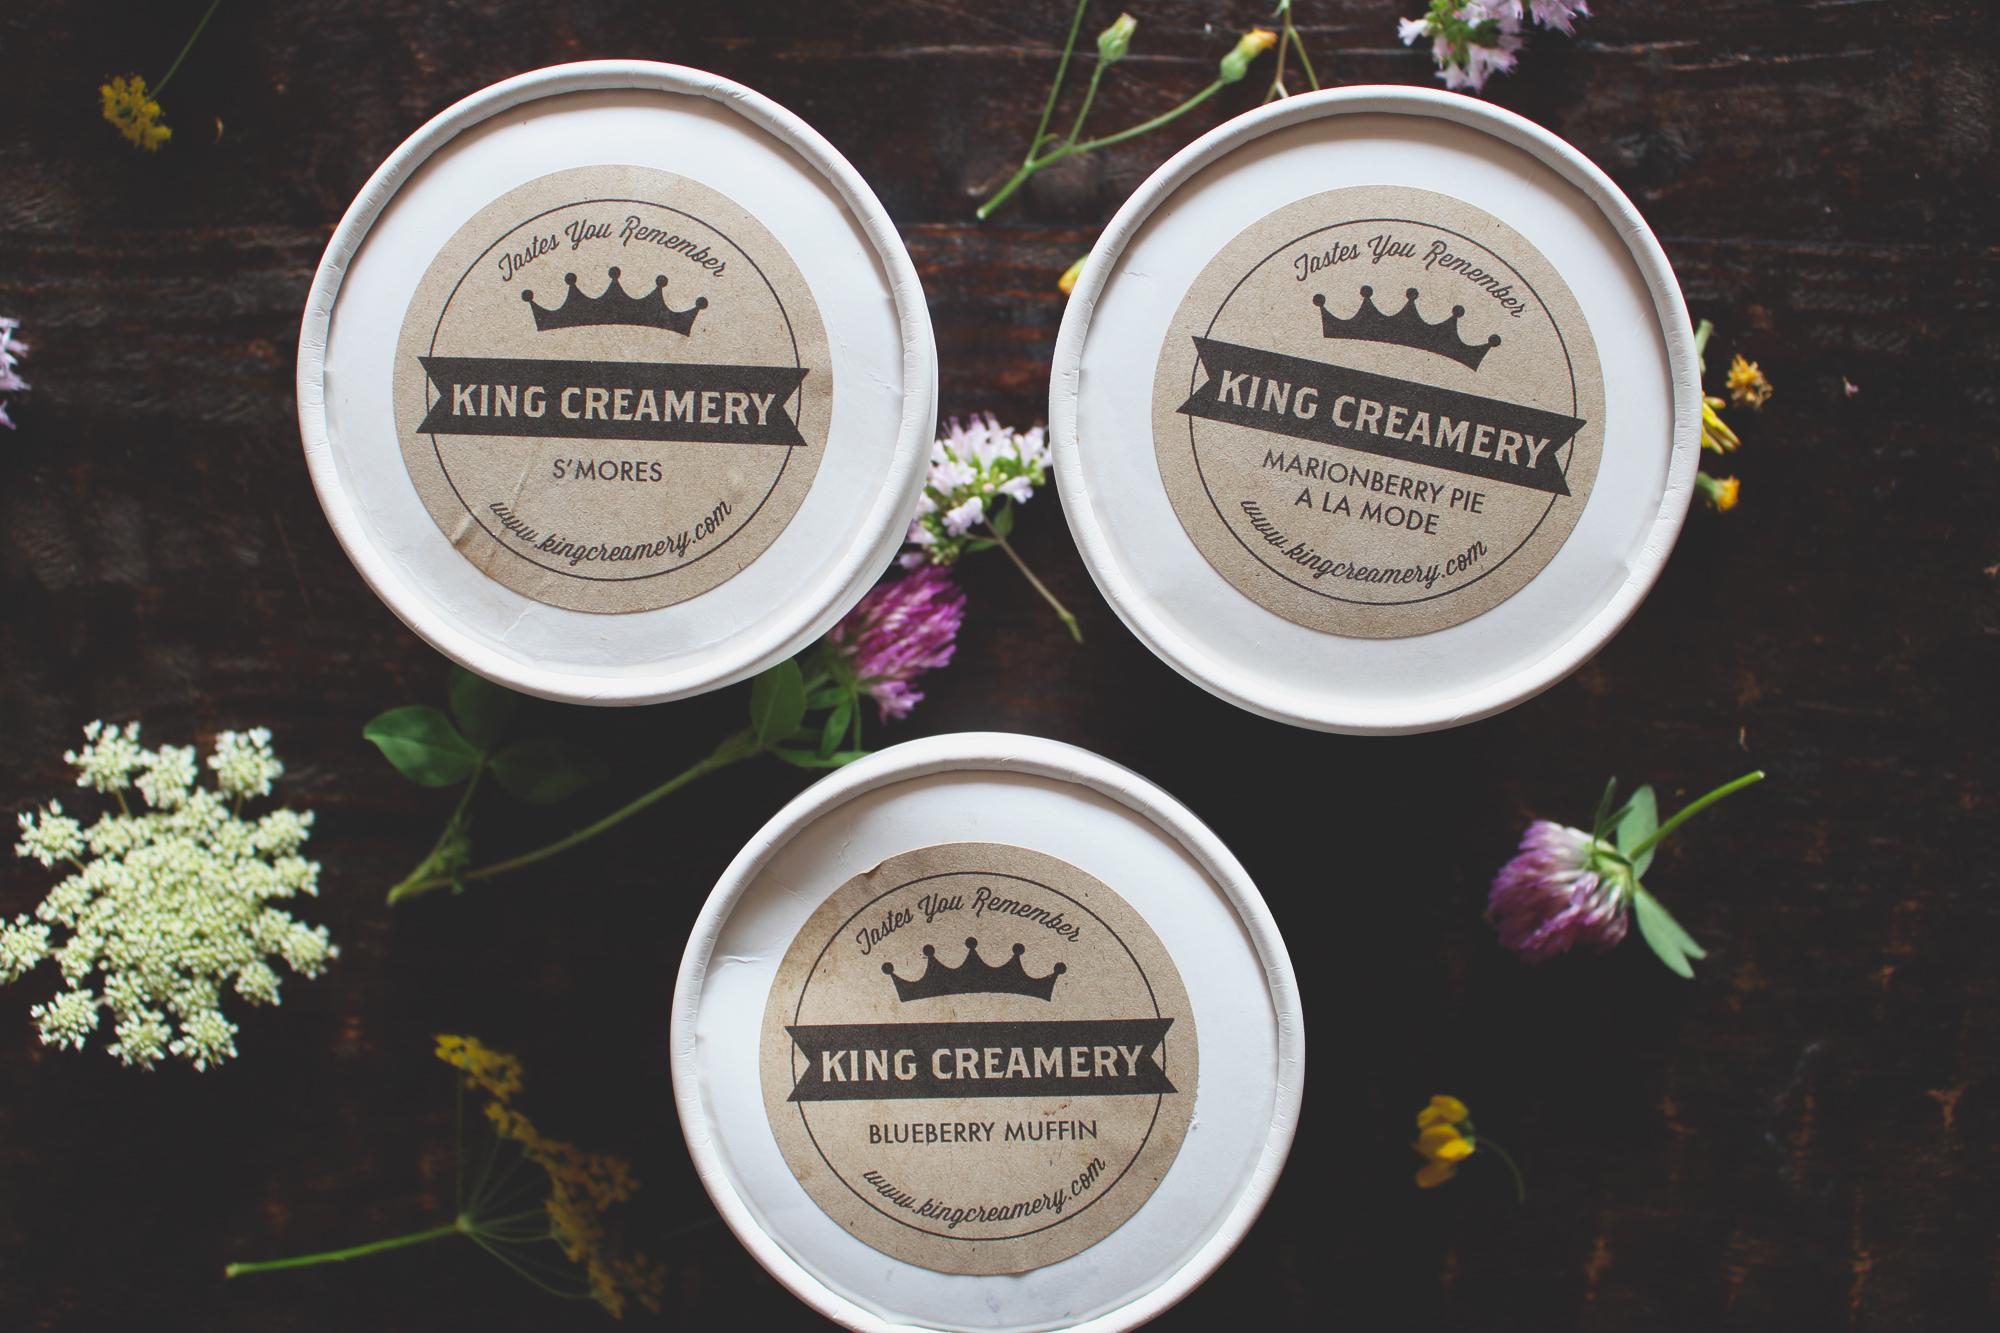 King Creamery Ice Cream